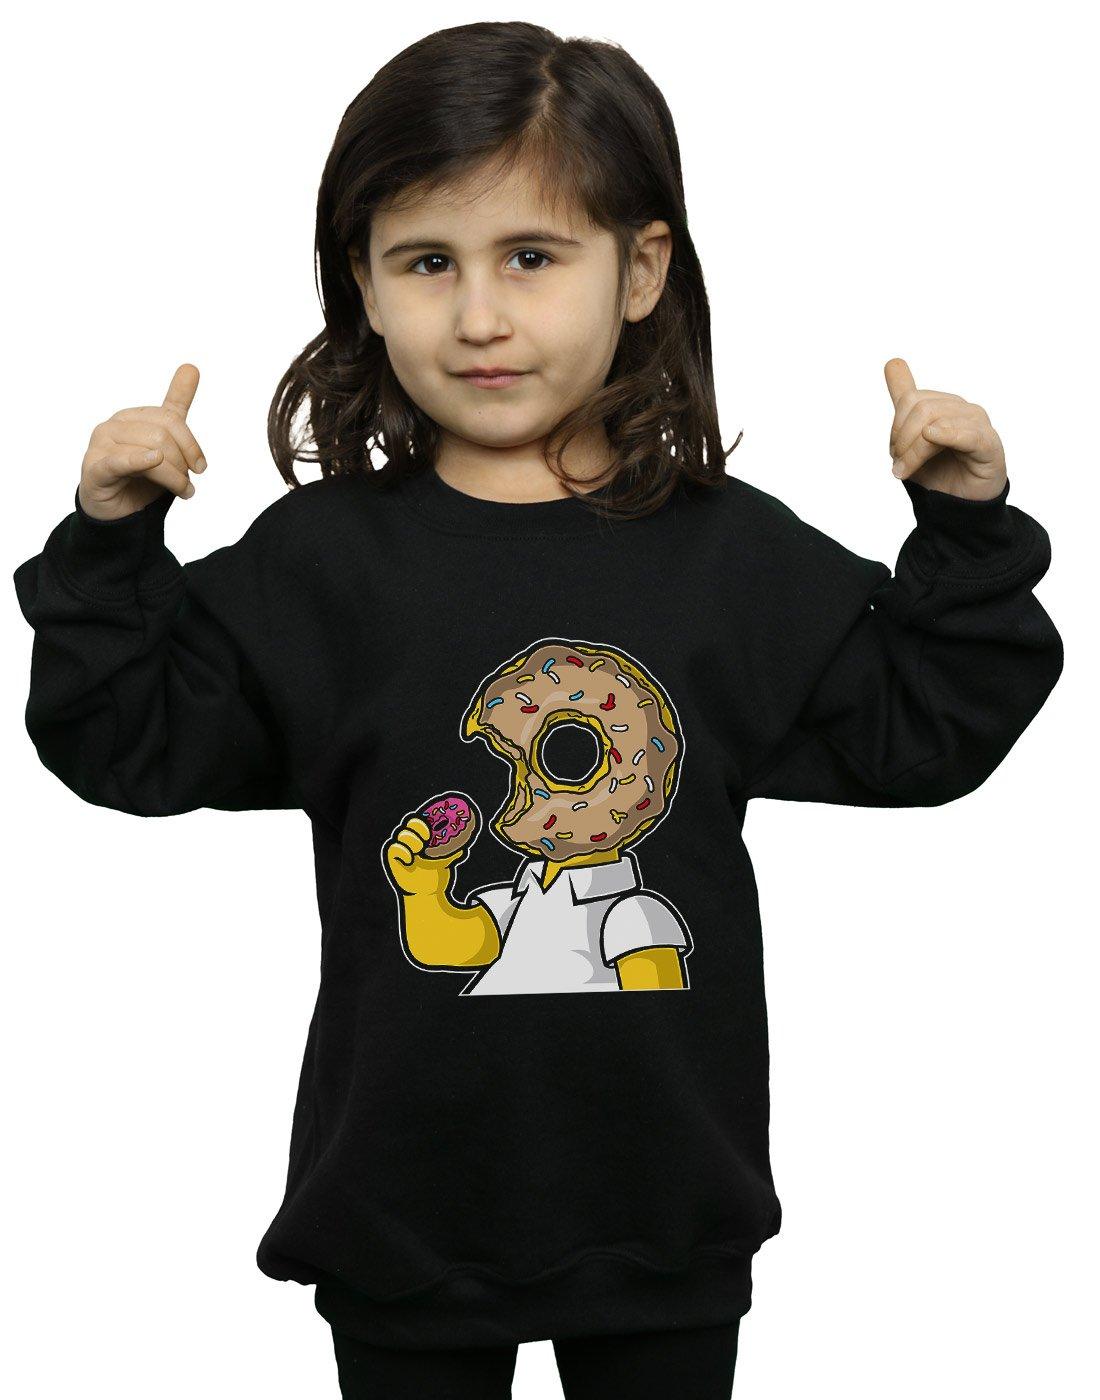 Drewbacca Girls Love Donuts Sweatshirt Black 5-6 Years